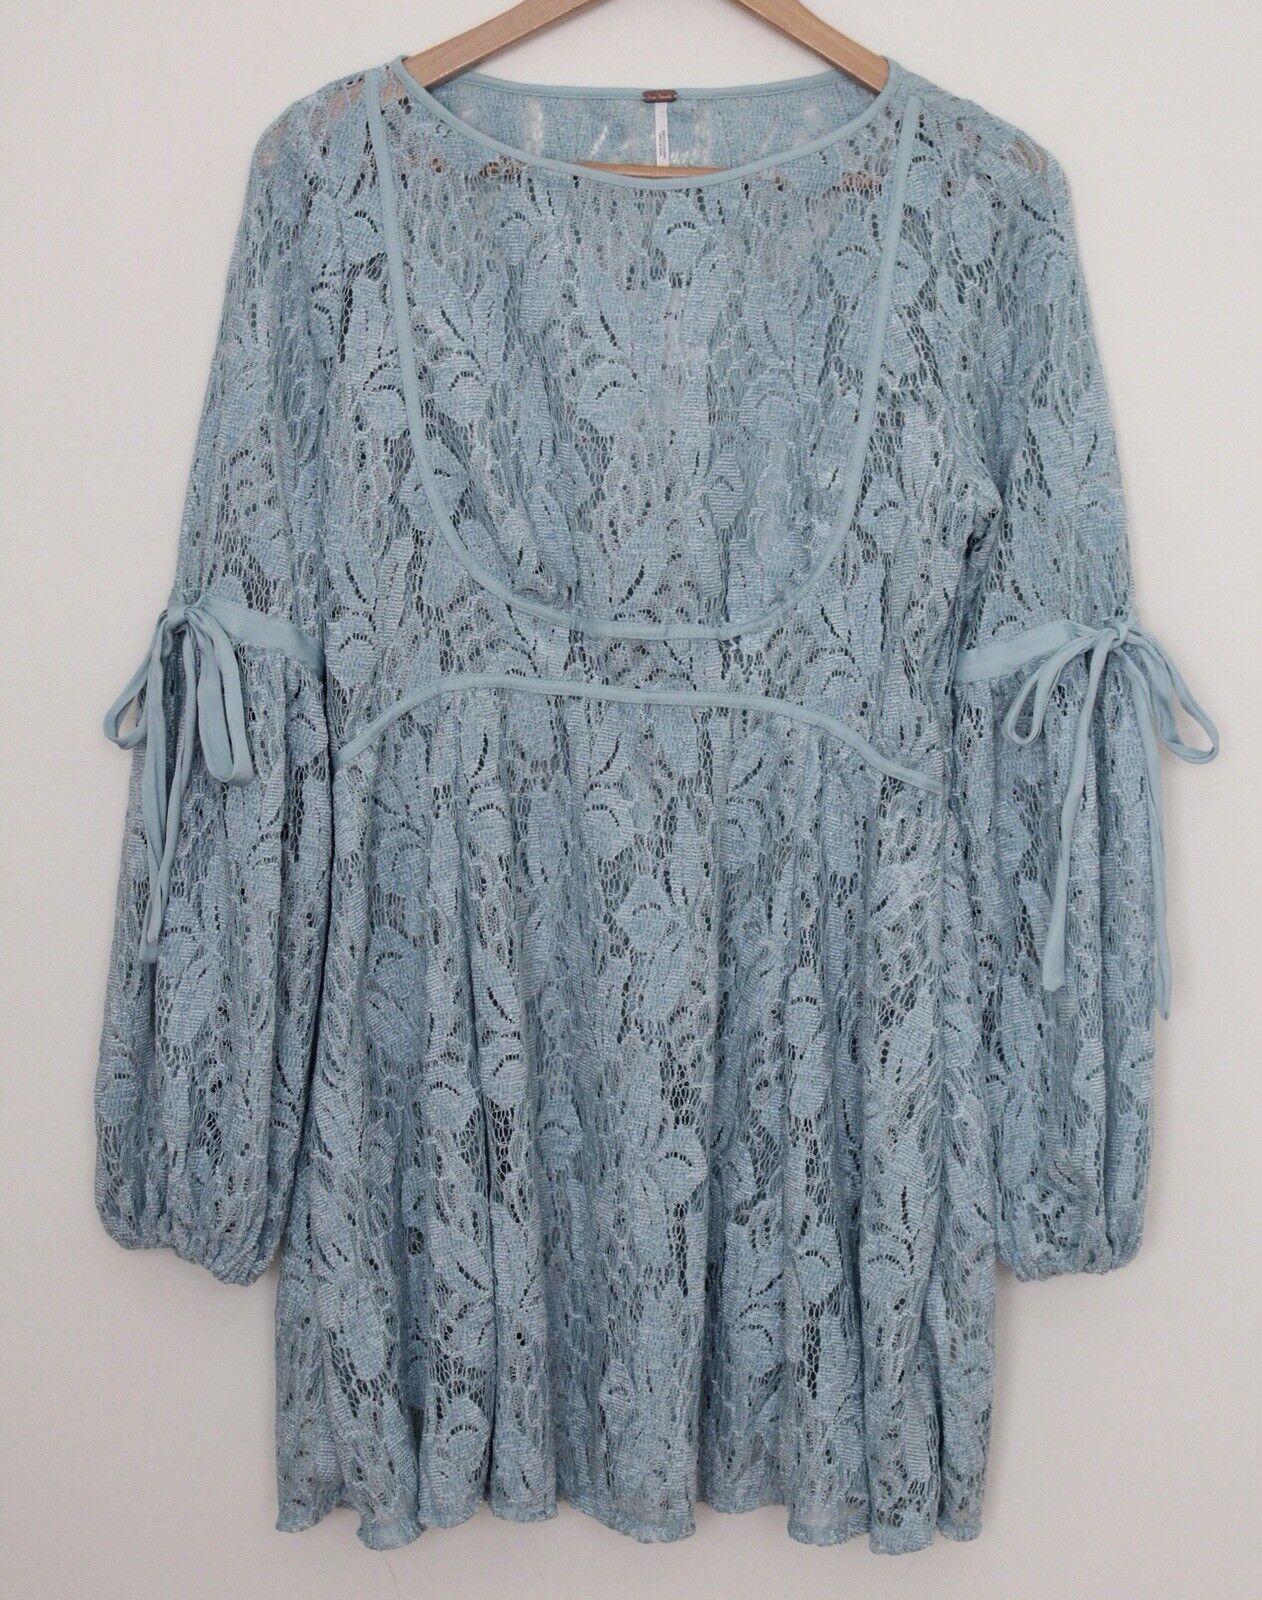 People Ruby Crochet Lace Mini Dress Fog Long Blouson Tie